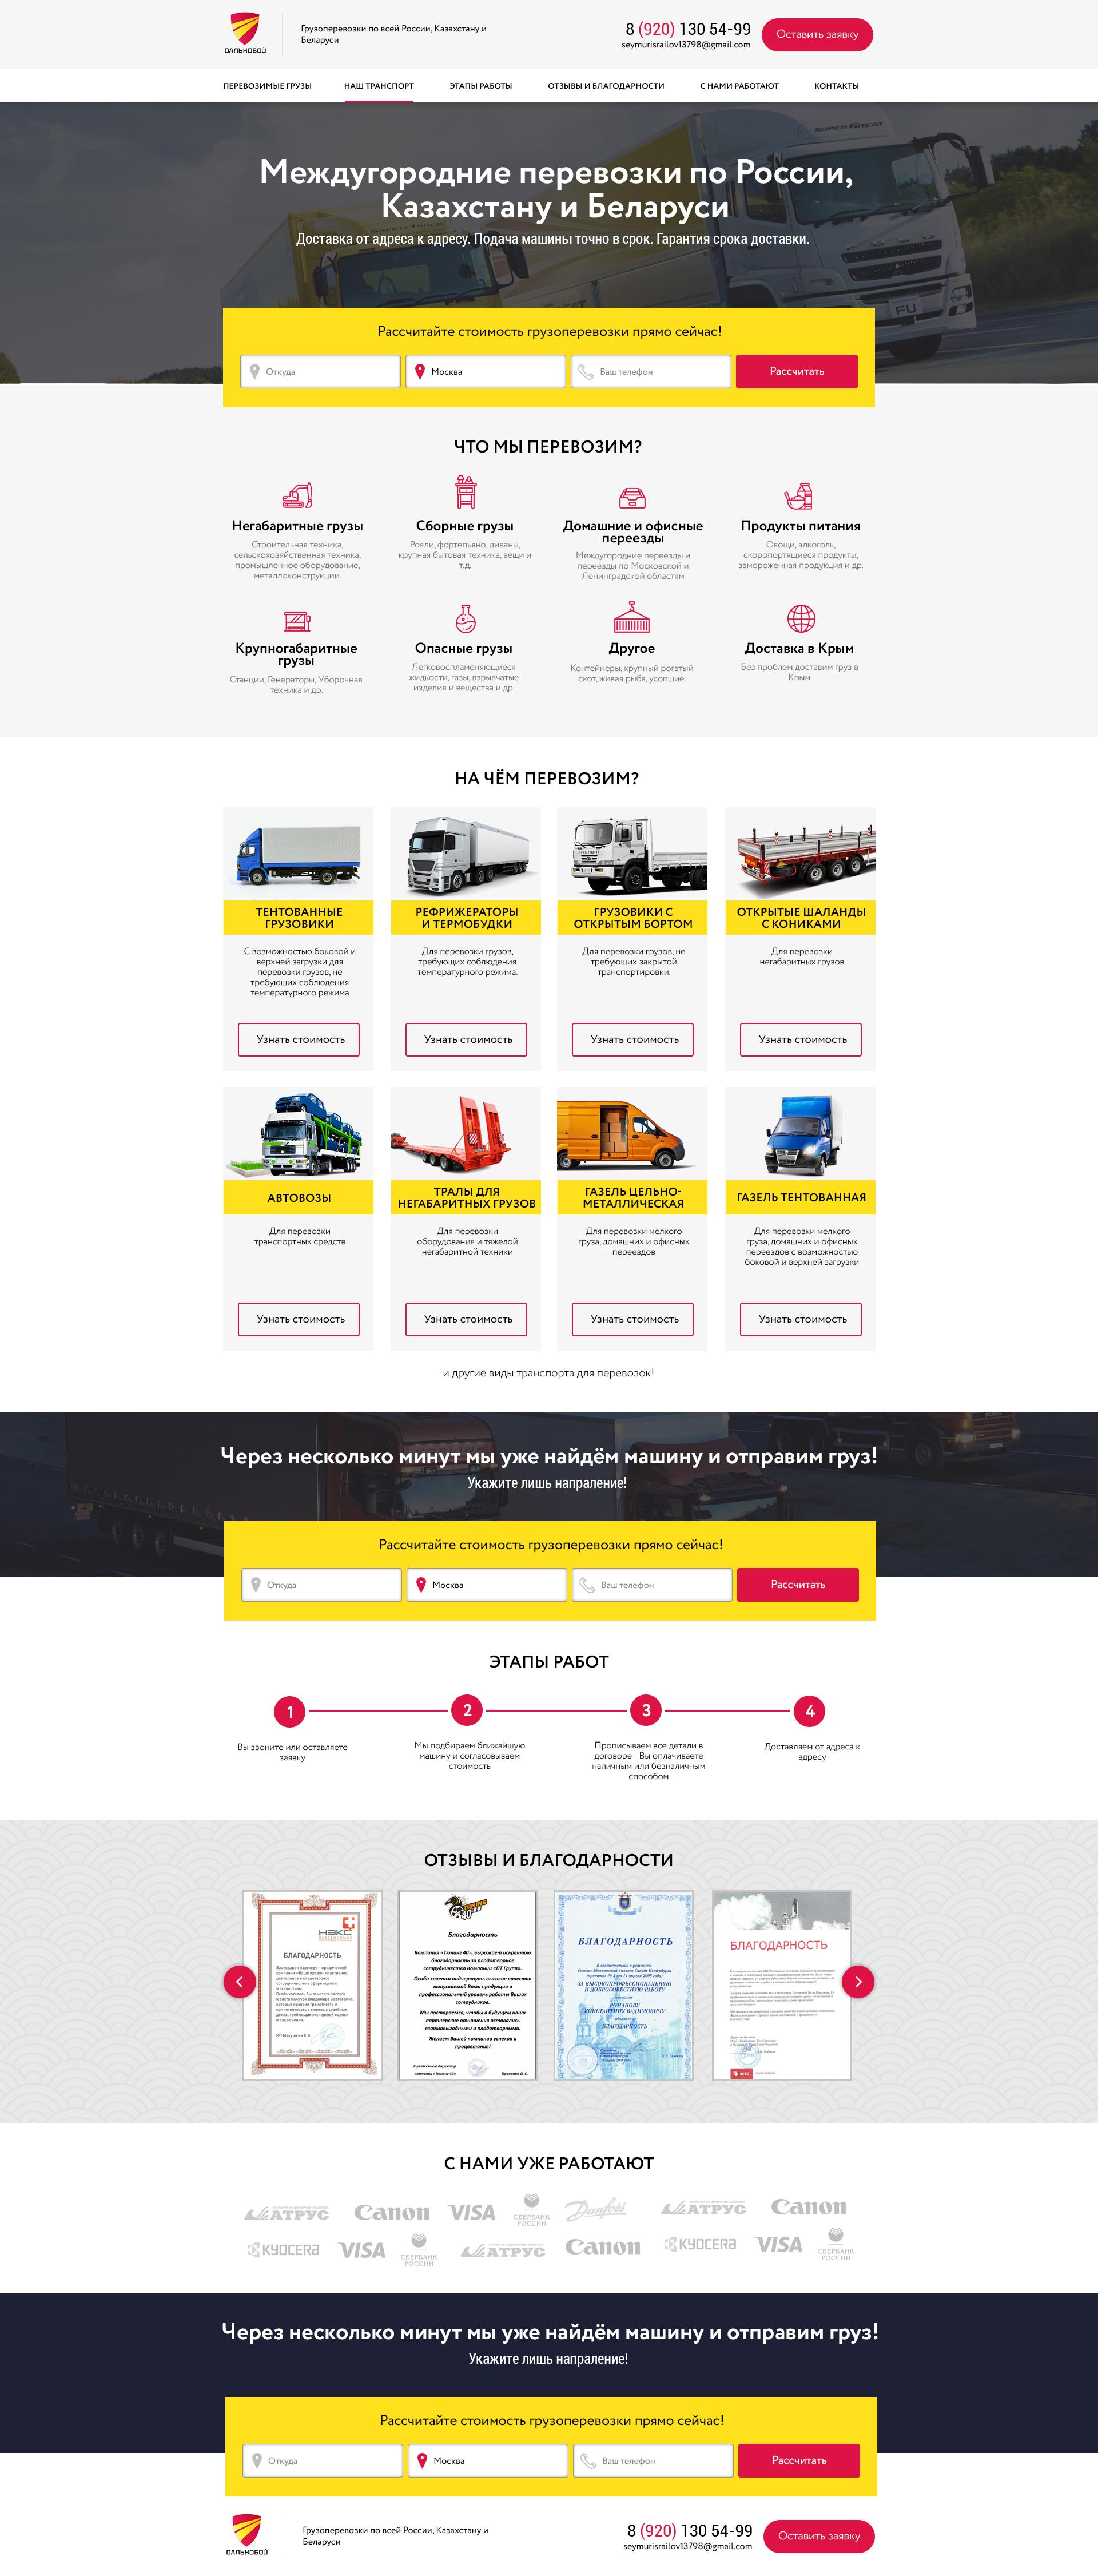 «ТК Дальнобой» - дизайн продающего лендинга транспортной компании